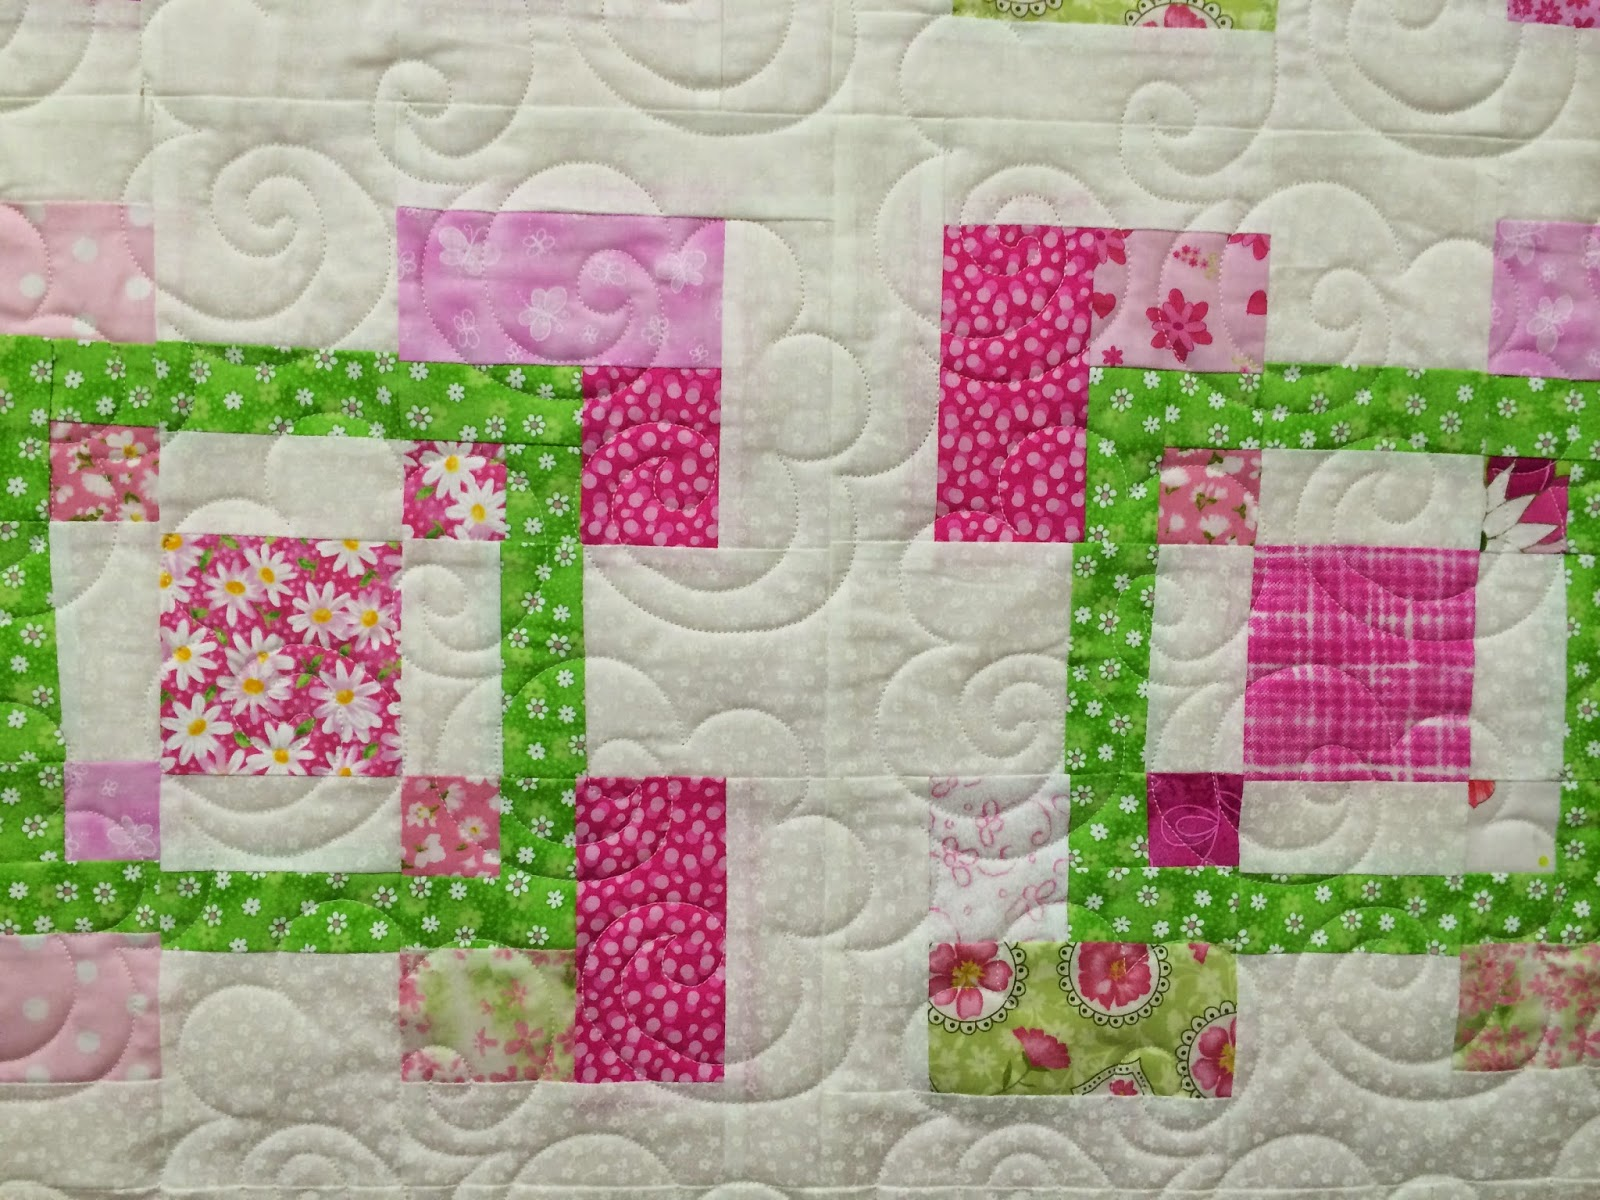 Lisa McCluer's Multi-color Interlocking Block Quilt